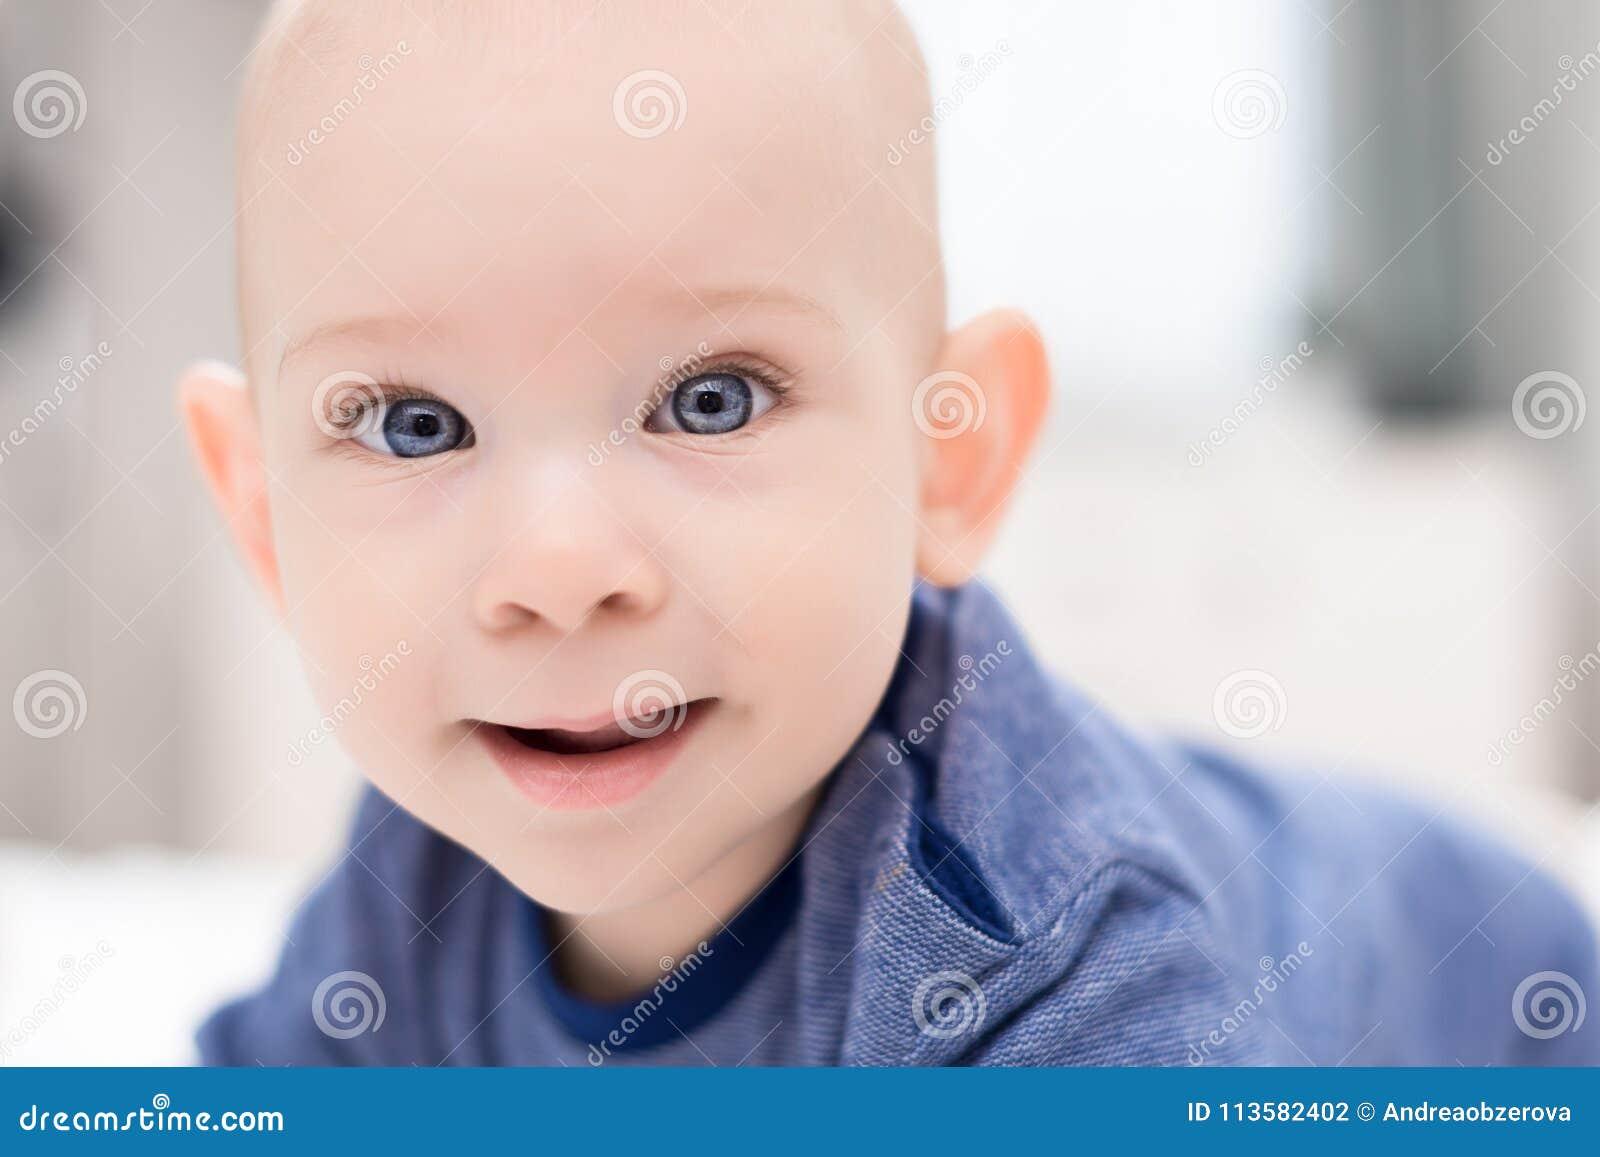 Neonato adorabile con gli occhi azzurri che esaminano direttamente la macchina fotografica che prova a raggiungere per  Fine sveg